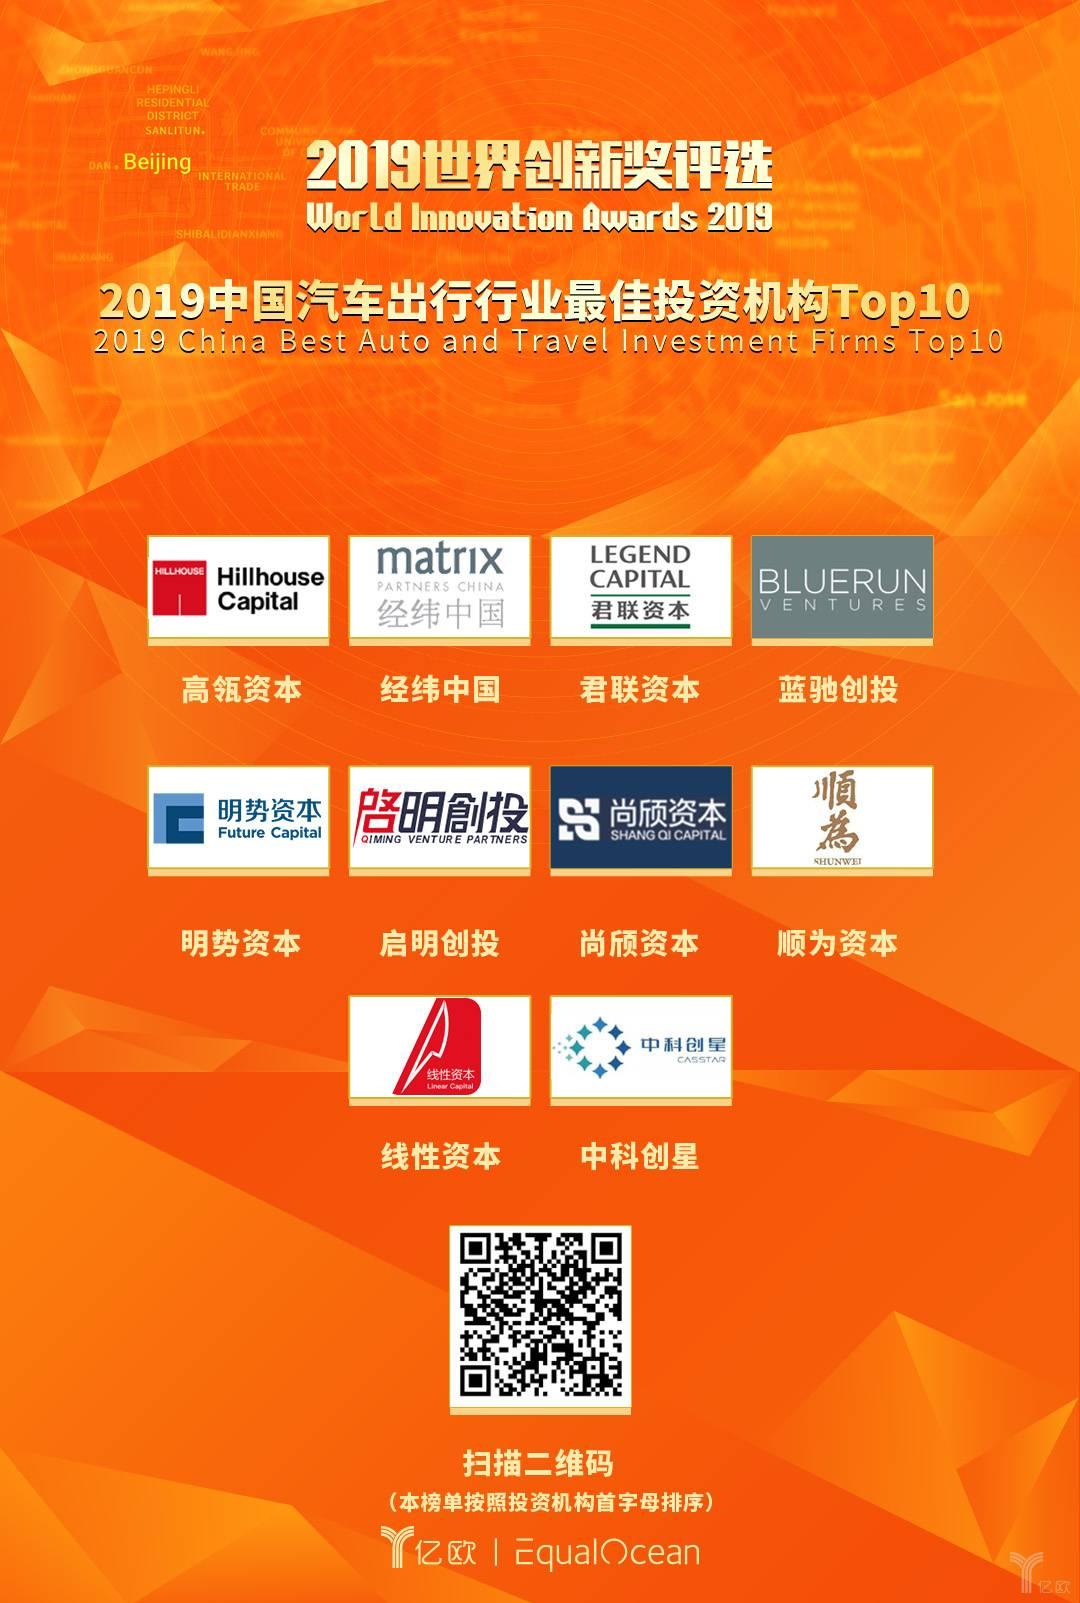 2019中国汽车出走走业最佳投资机构Top10